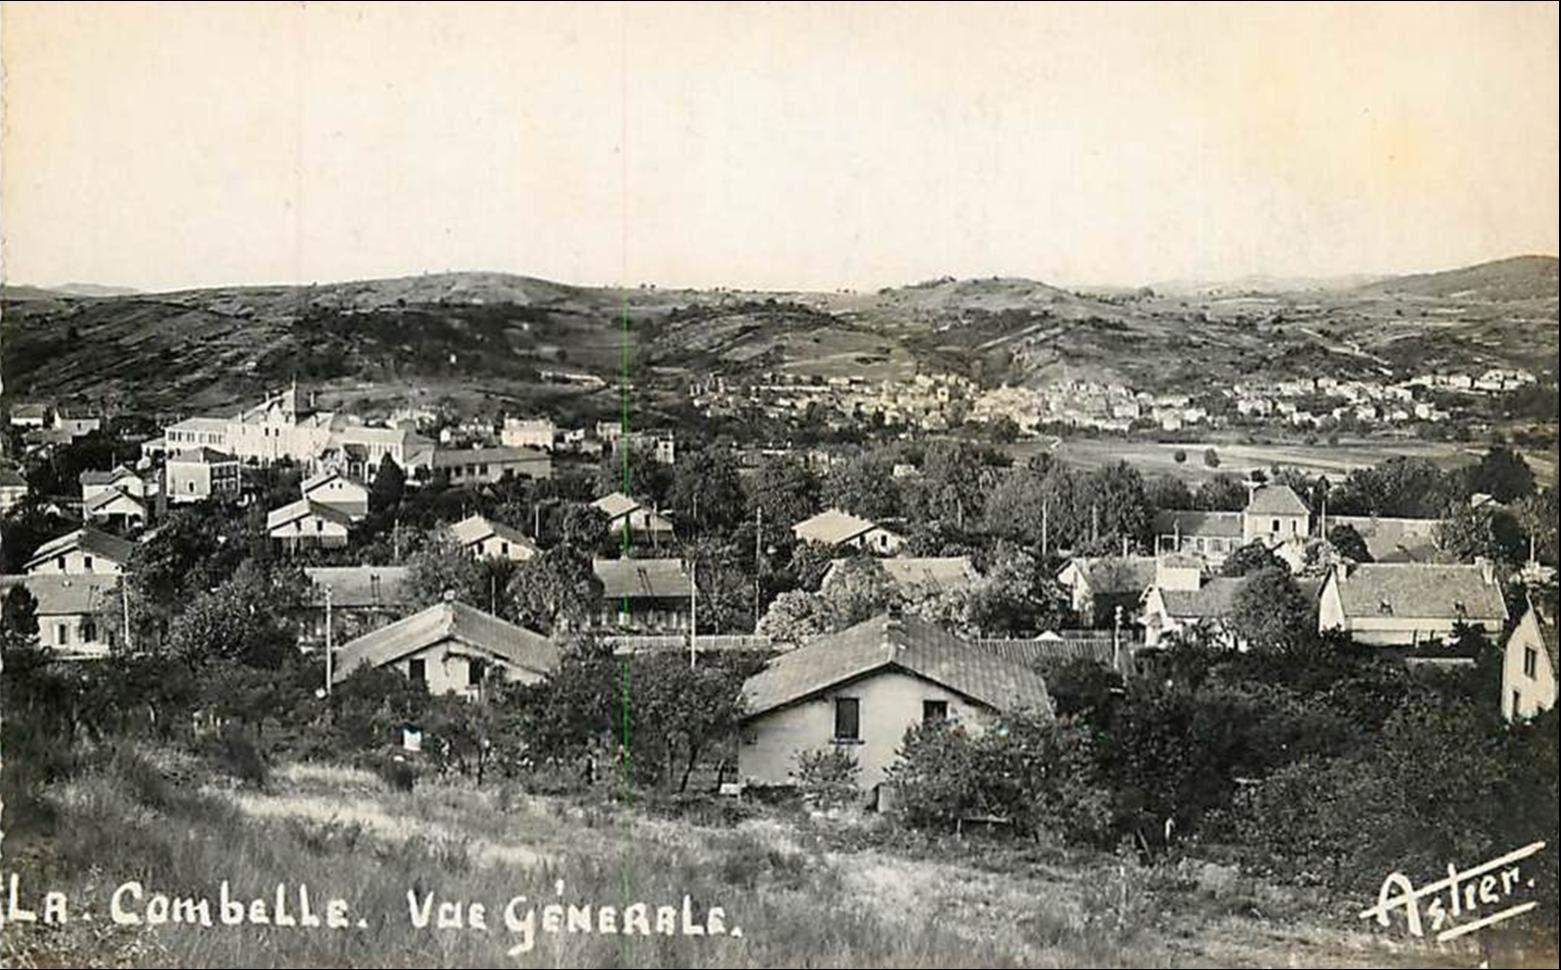 Auzat-Lacombelle dans les années 1950-60